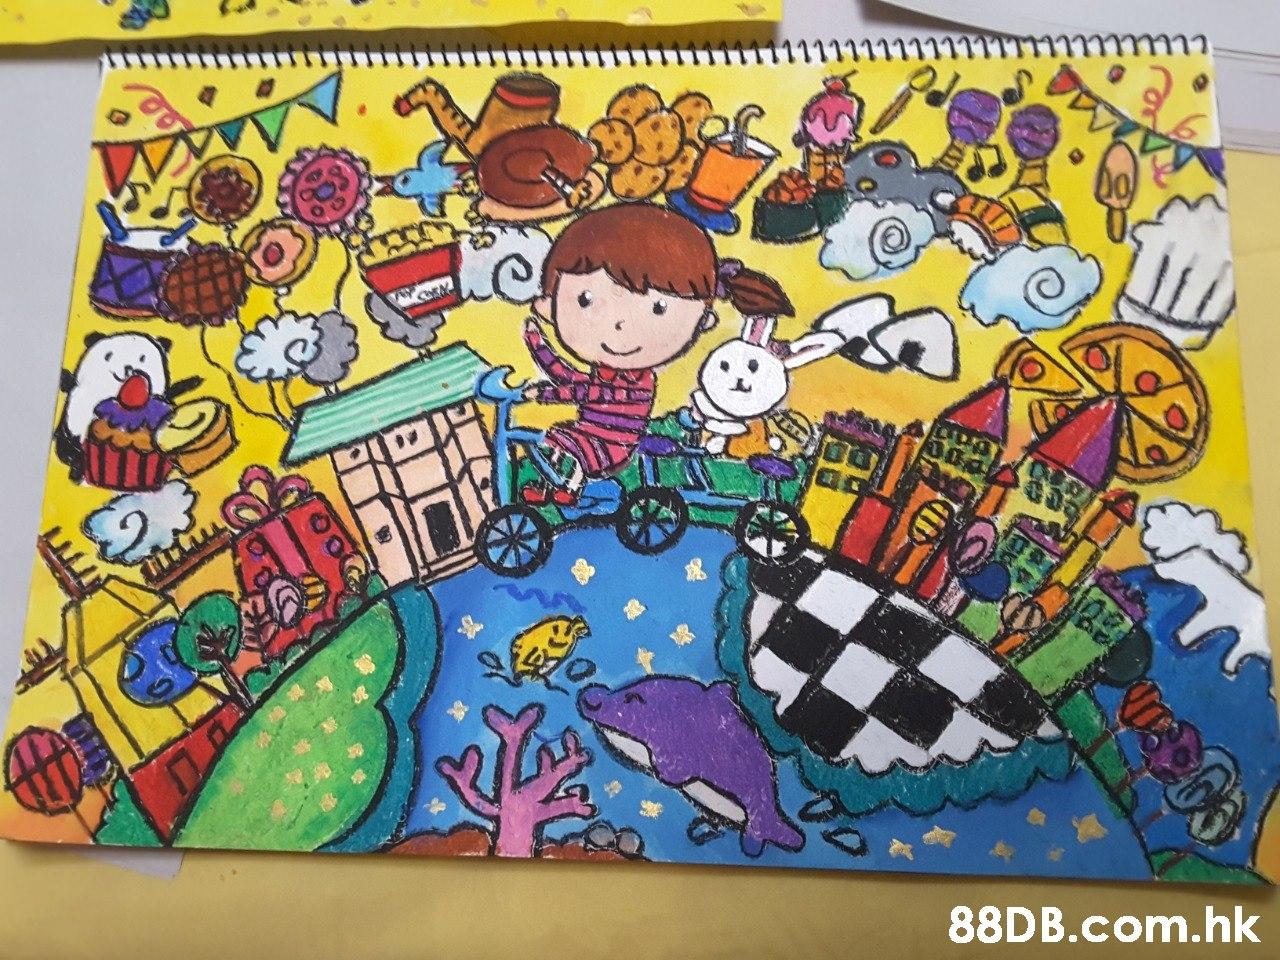 เววาาวาาวาววาวววาาาา, .hk ии  Cartoon,Text,Fiction,Art,Illustration